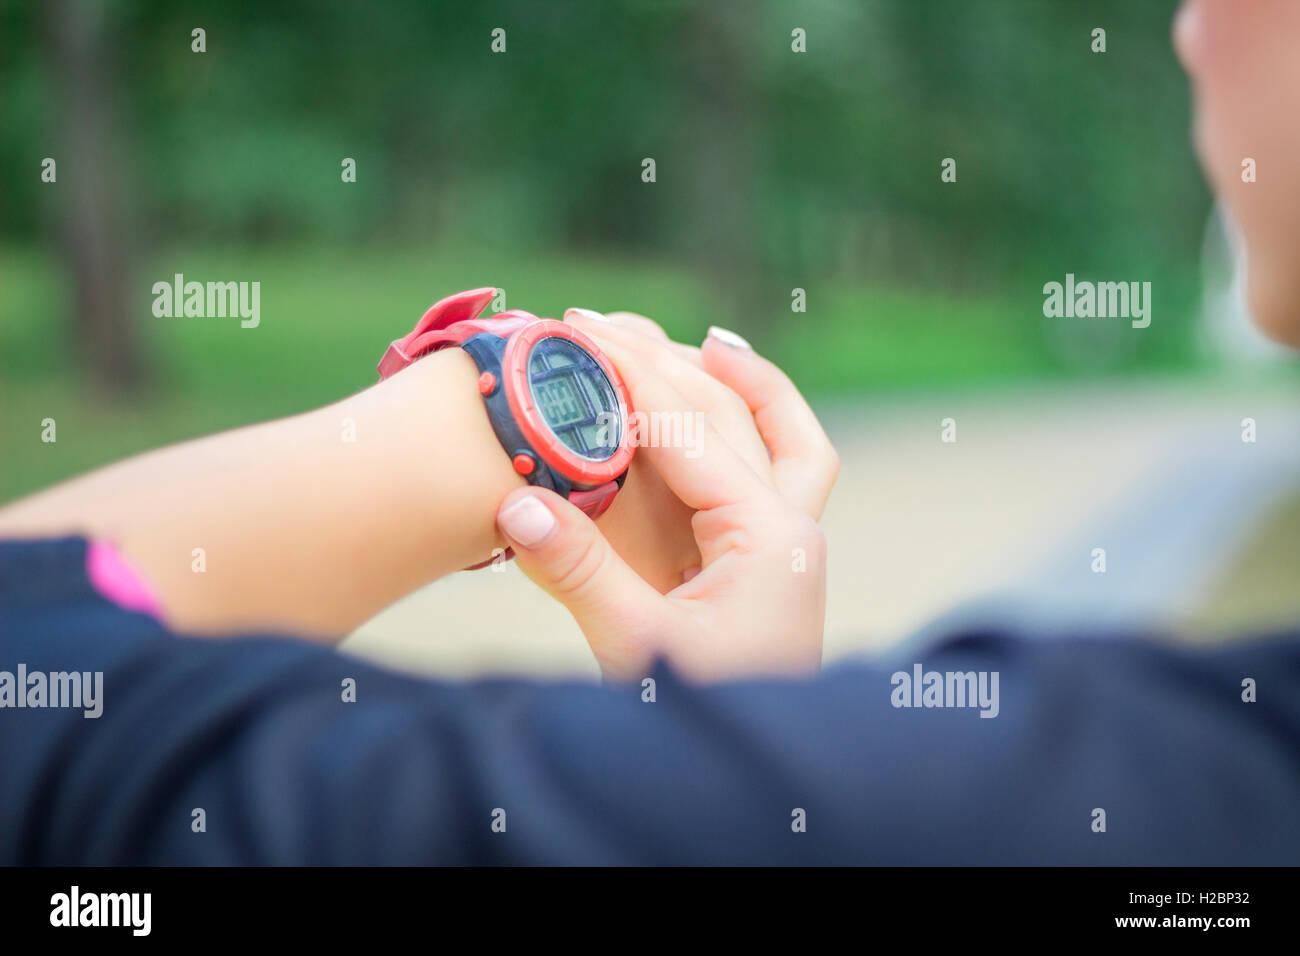 Junge Fitness Mädchen prüft Stoppuhr Tracker an ihrem Handgelenk beim laufen im freien Stockbild